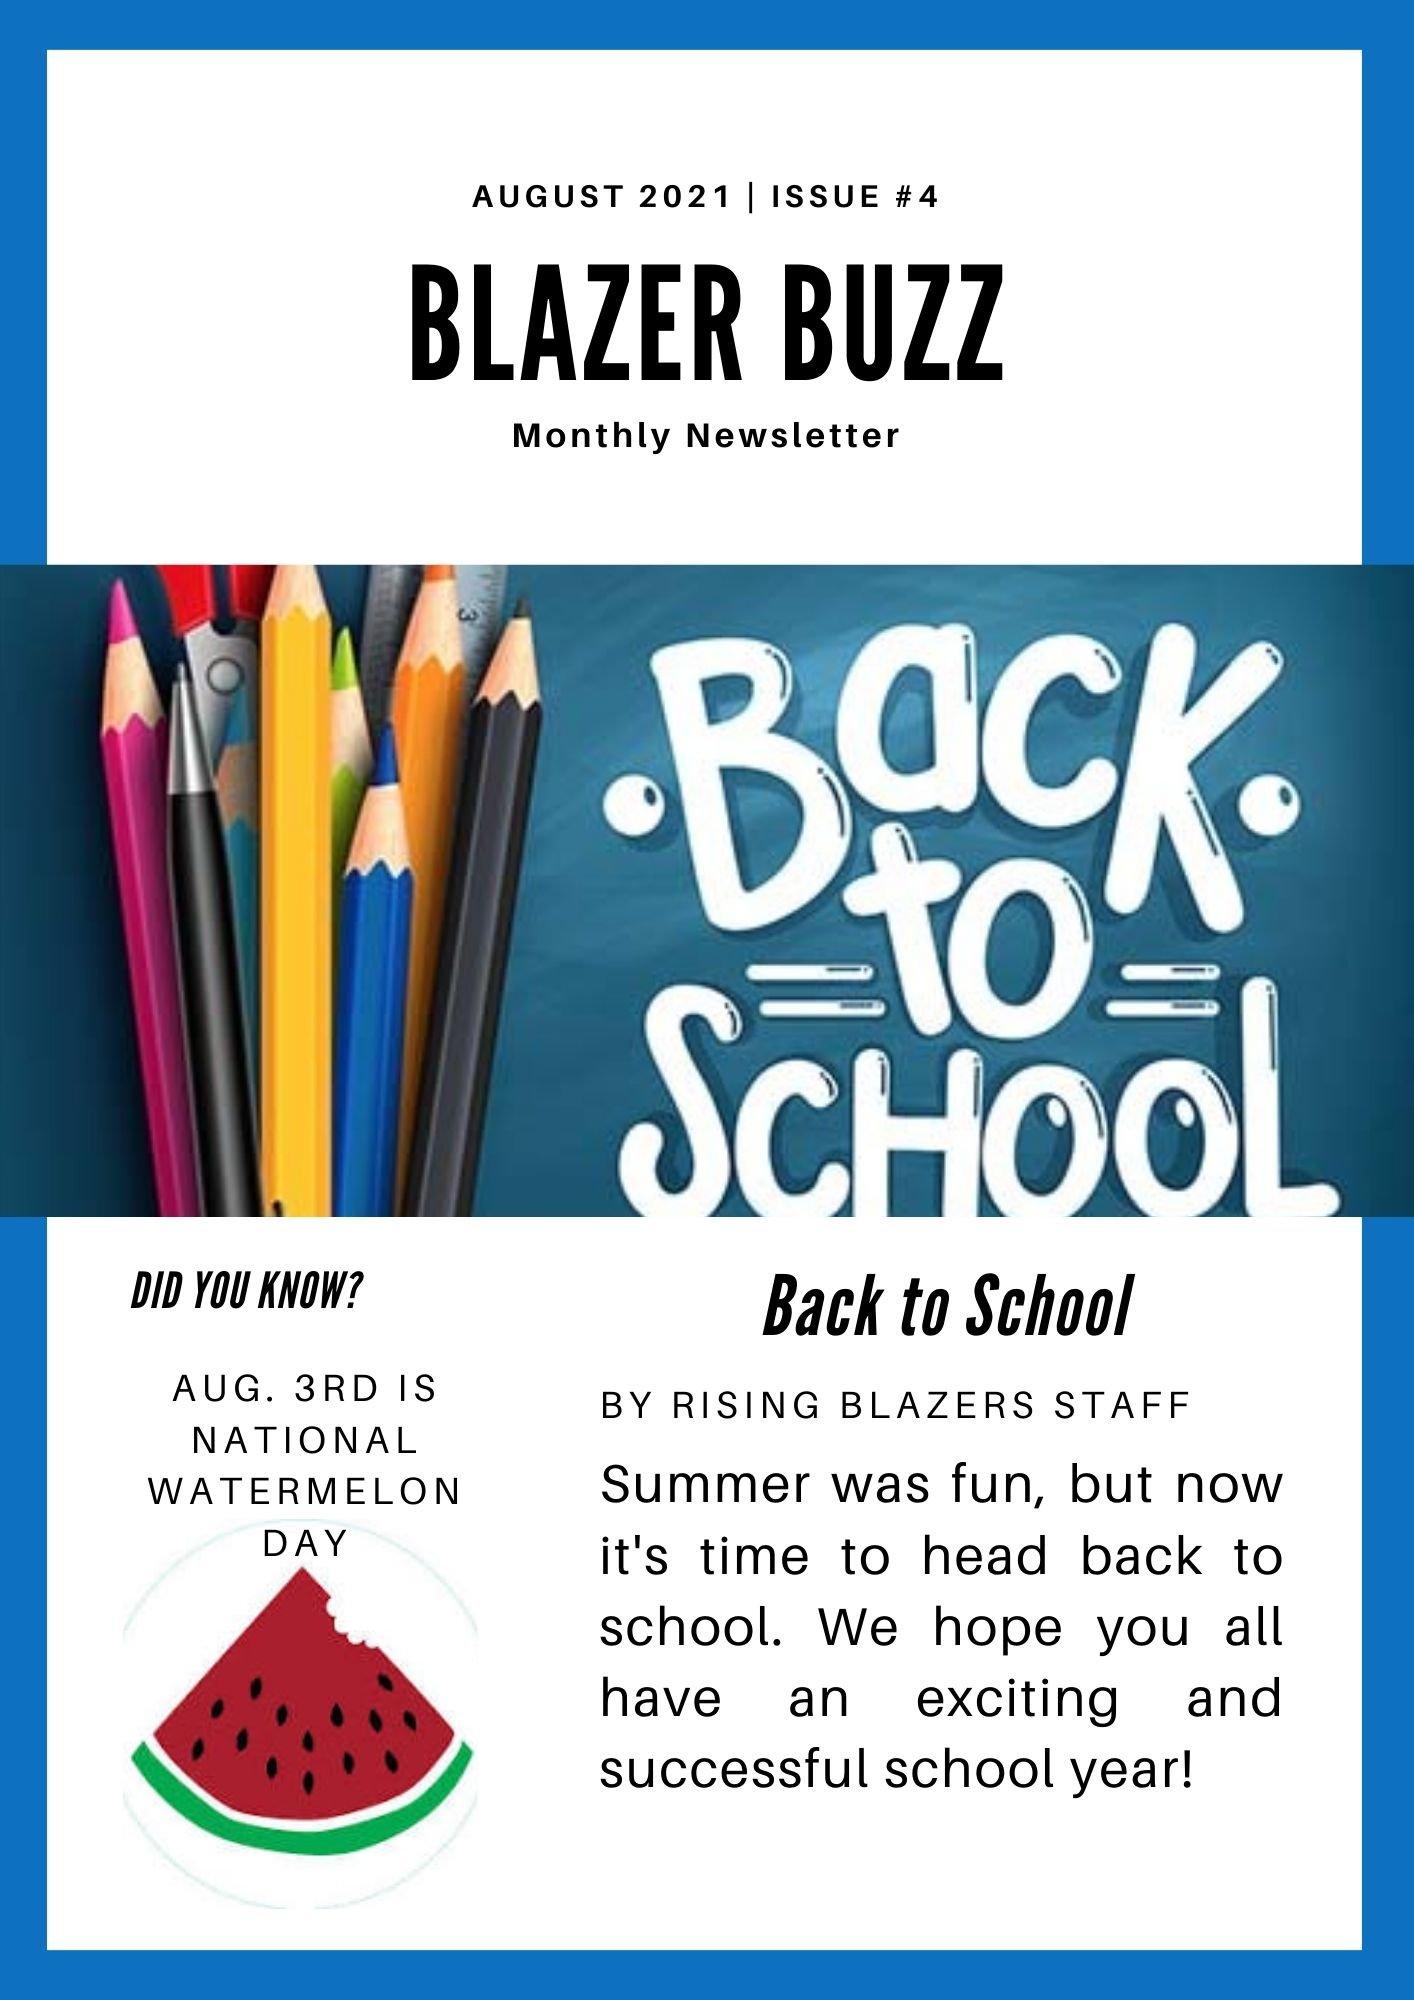 Blazer Buzz August Issue